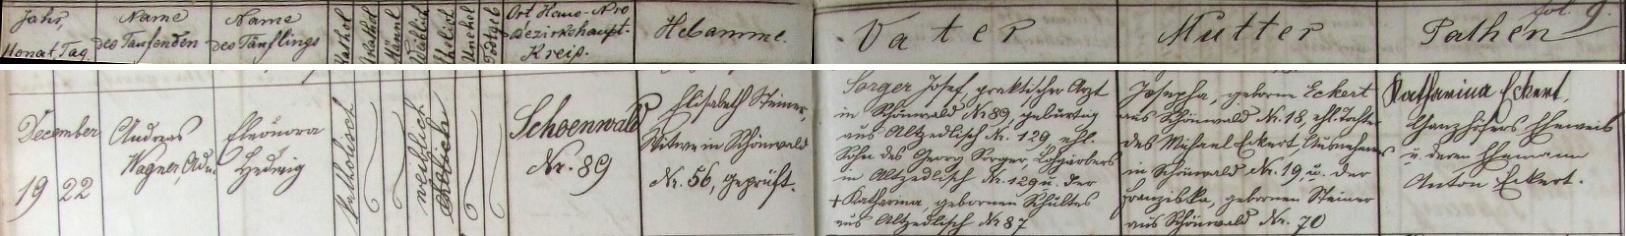 Záznam křestní matriky farní obce Schönwald (dnes Lesná) o narození jeho ženy Eleonore Hedwig